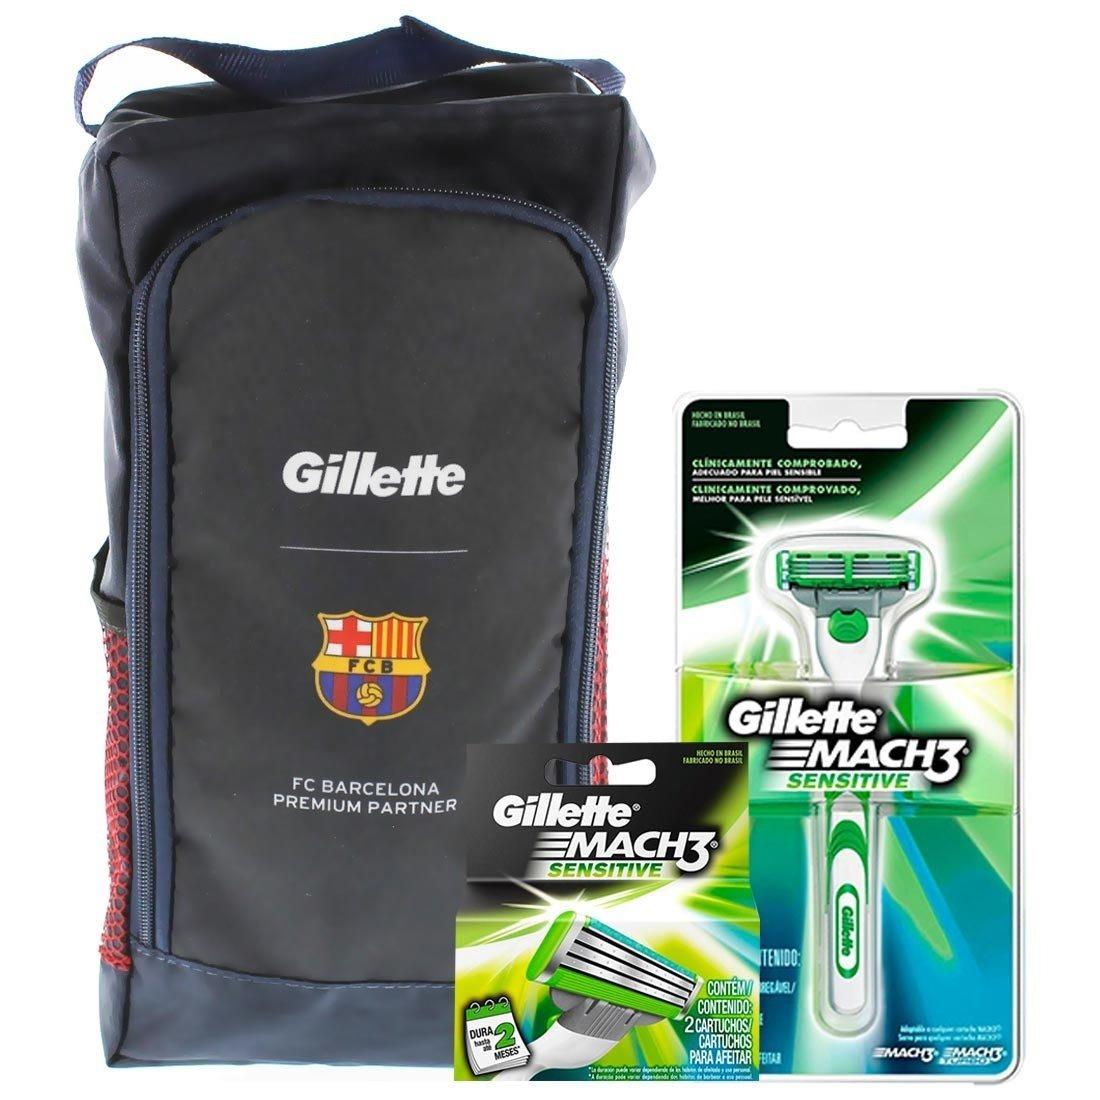 kit gillette mach3 sensitive 1 aparelho + 2 cargas barcelona. Carregando  zoom. d33ffdd81375e